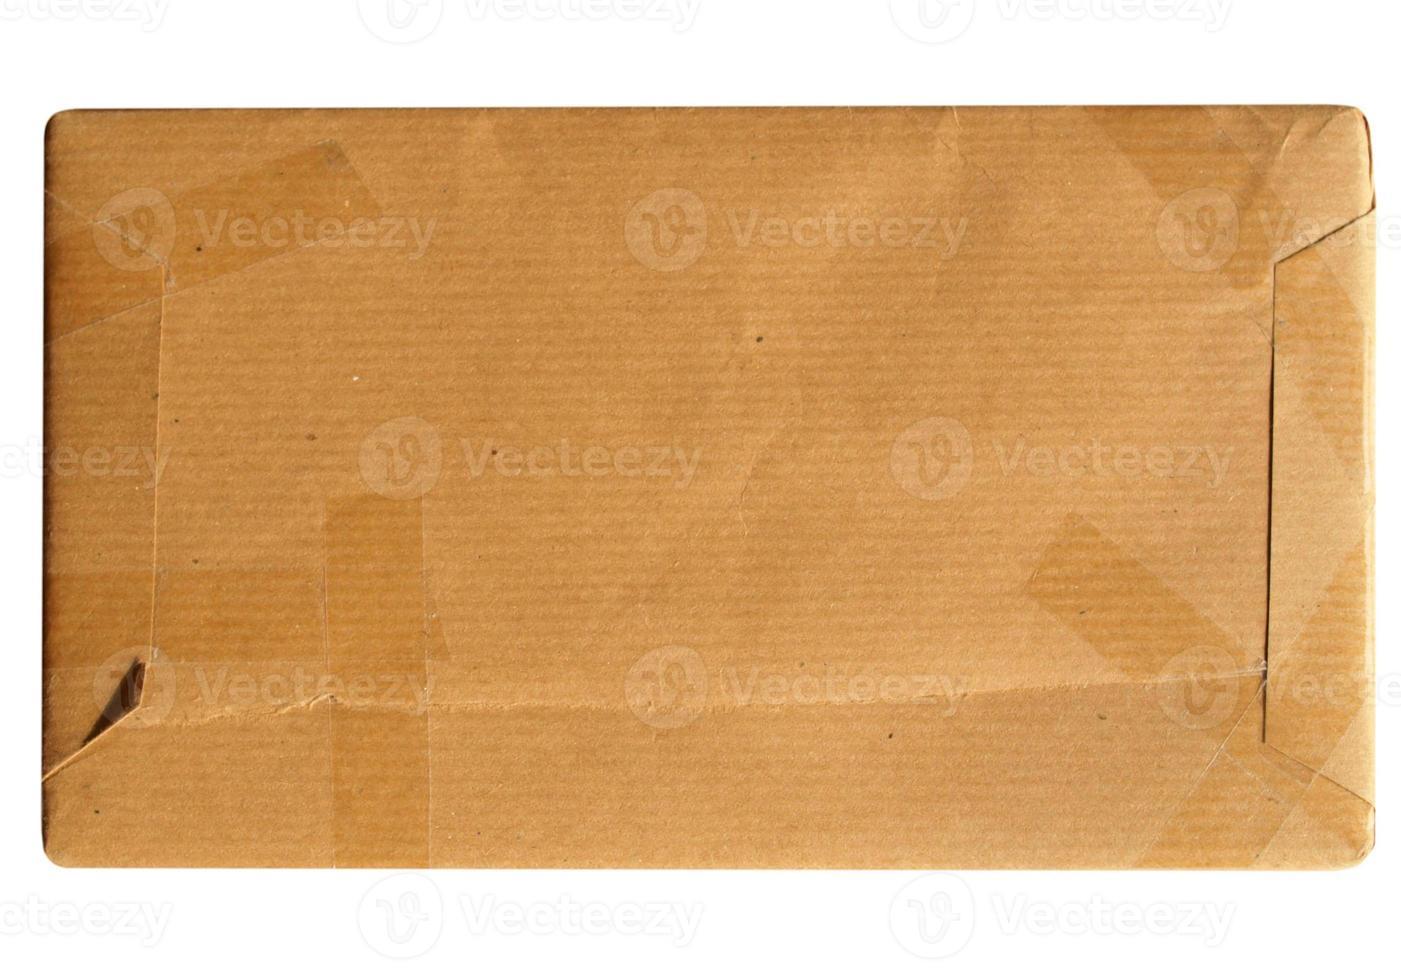 colis en carton ondulé photo